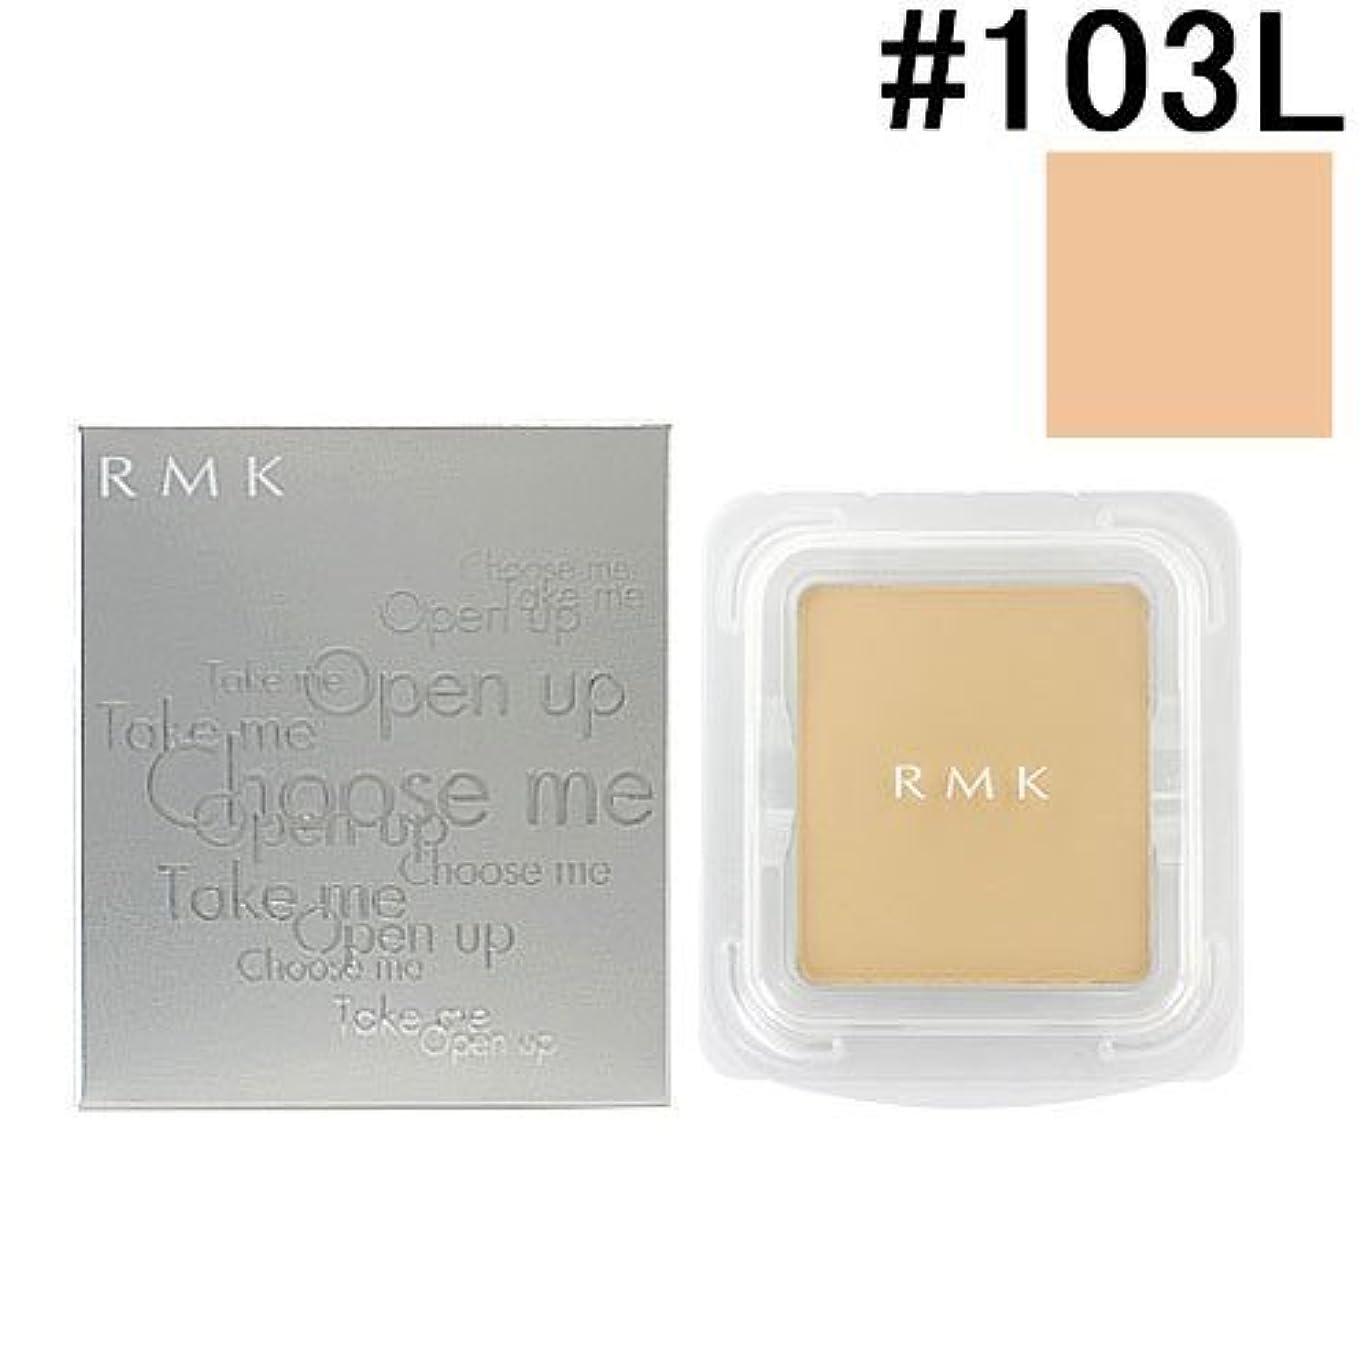 コード反対した肌寒いRMK アールエムケー エアリーパウダー ファンデーション (レフィル) #103L 10.5g [並行輸入品]